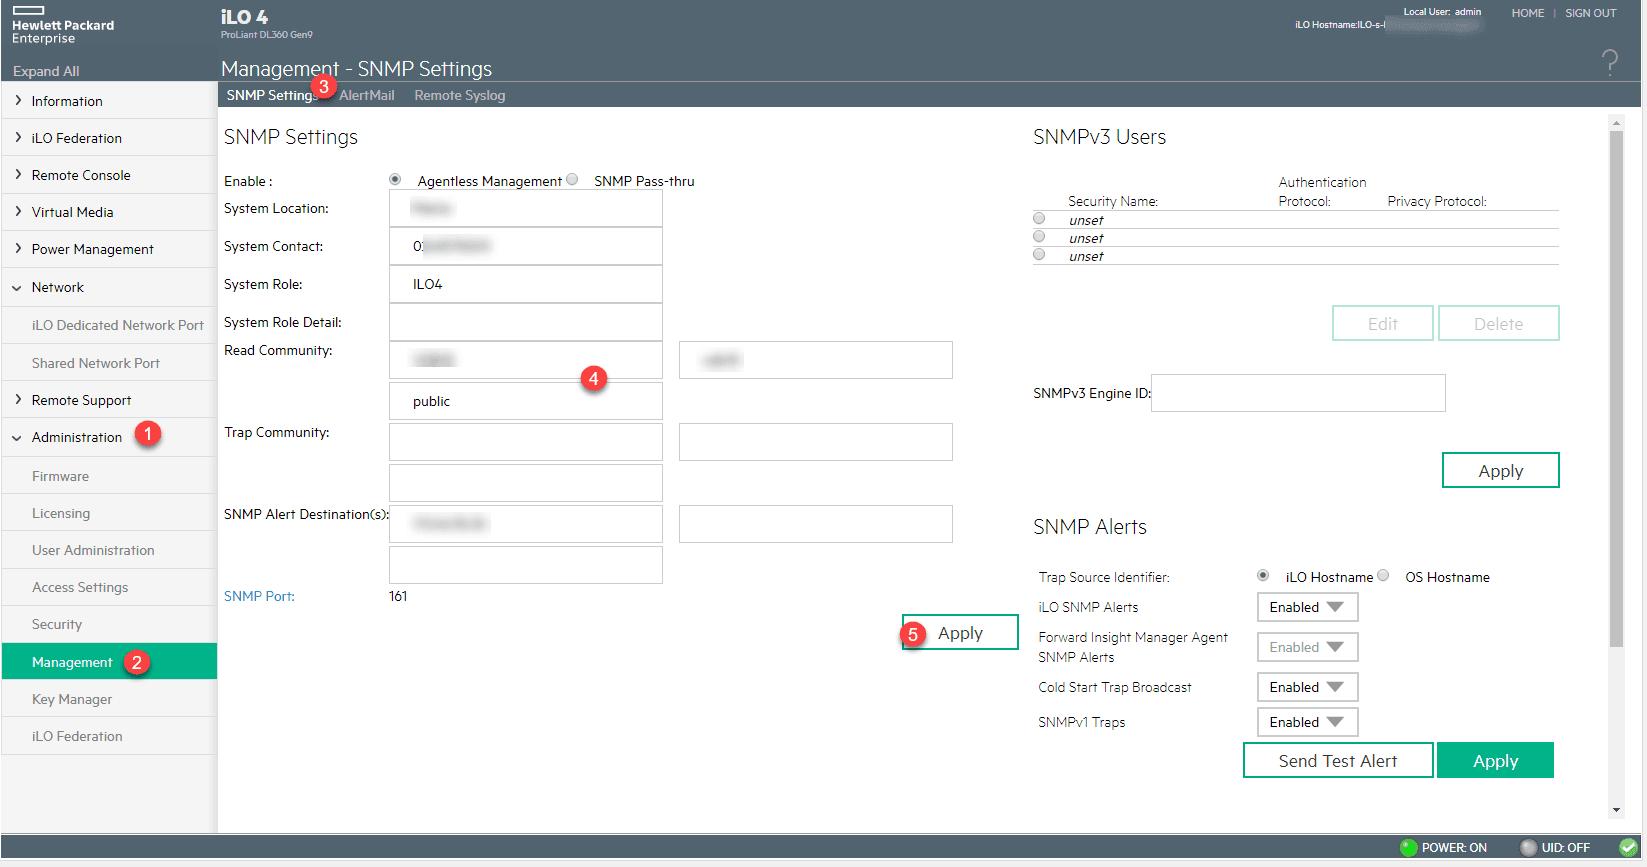 HPE ILO configuration du SNMP - RDR-IT